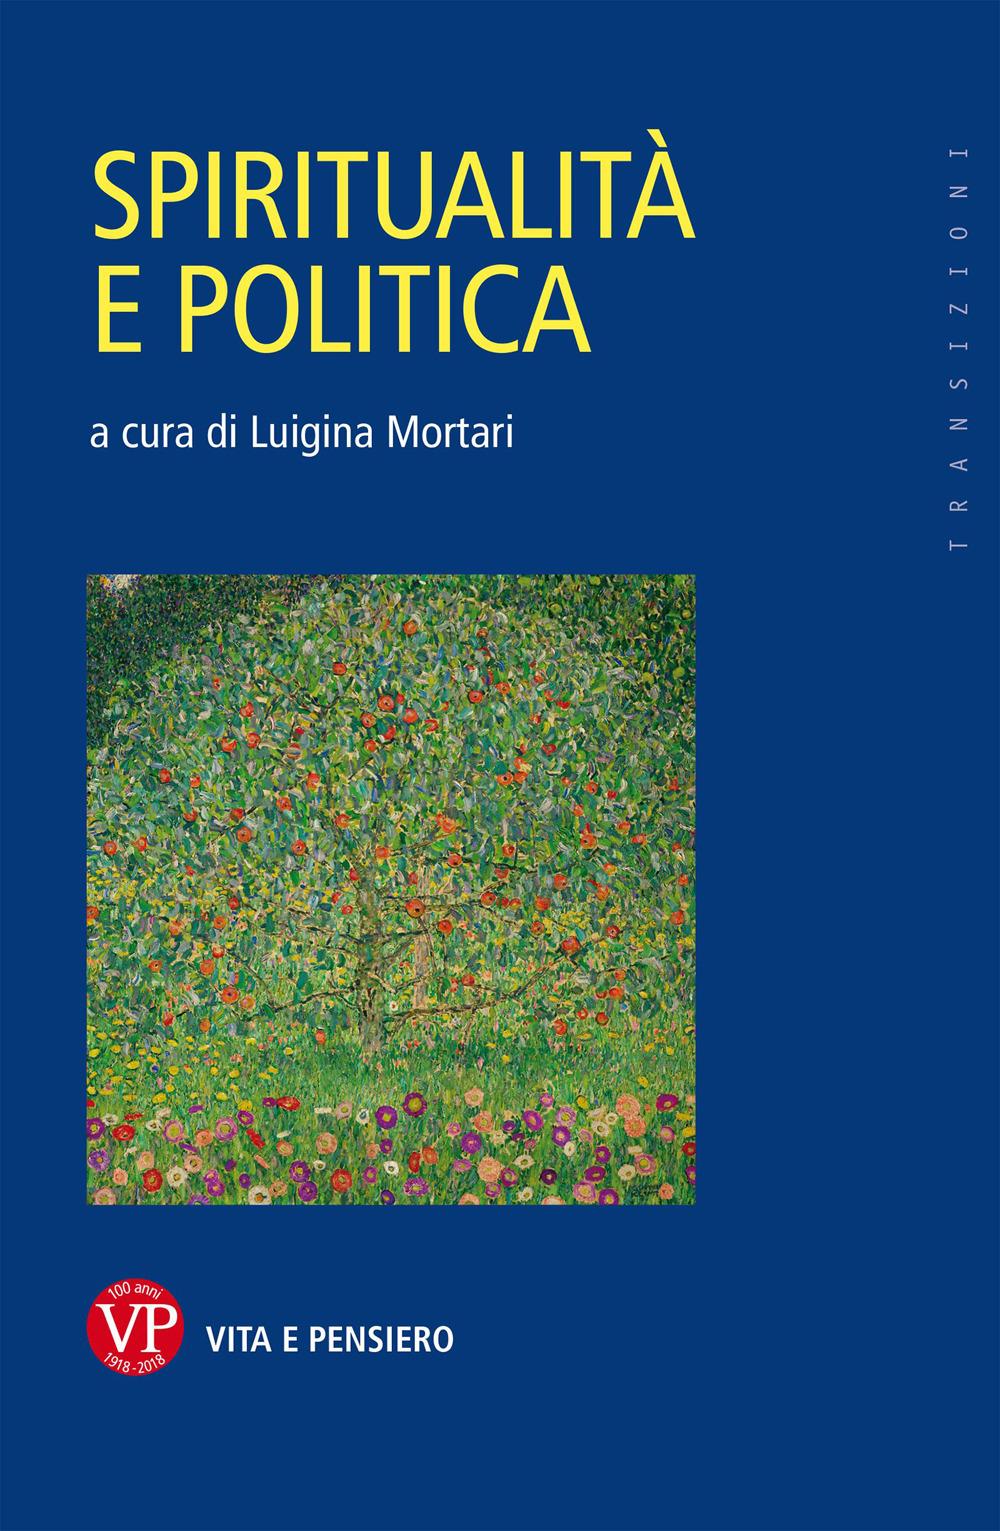 SPIRITUALITÀ E POLITICA - Mortari L. (cur.) - 9788834335581